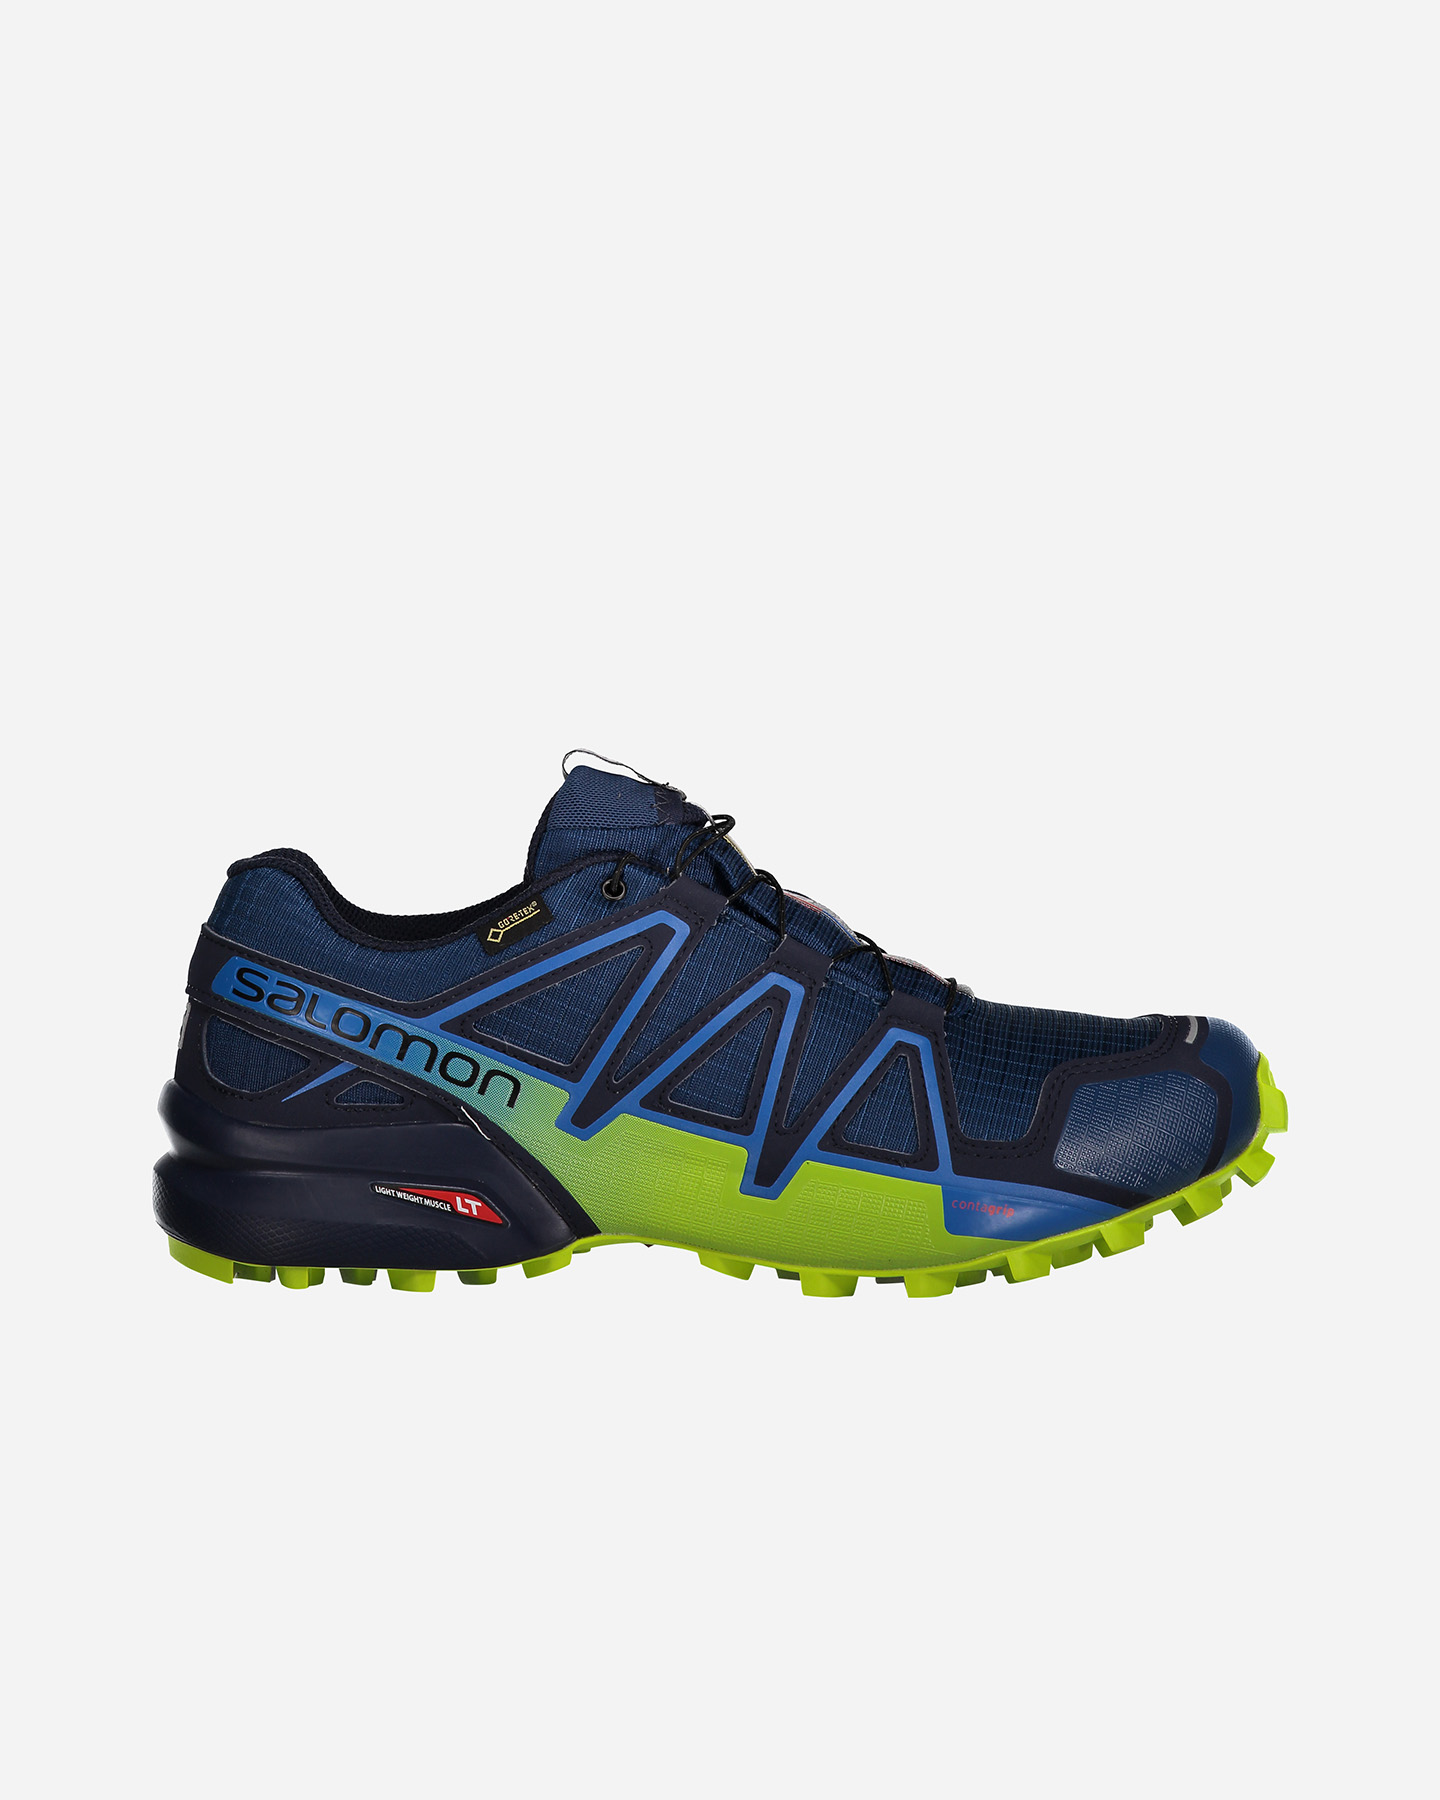 Scarpe L40492300 Cisalfa Sport Trail Speedcross Salomon 4 Su M Gtx XIq7nB71 6be3ab0821b